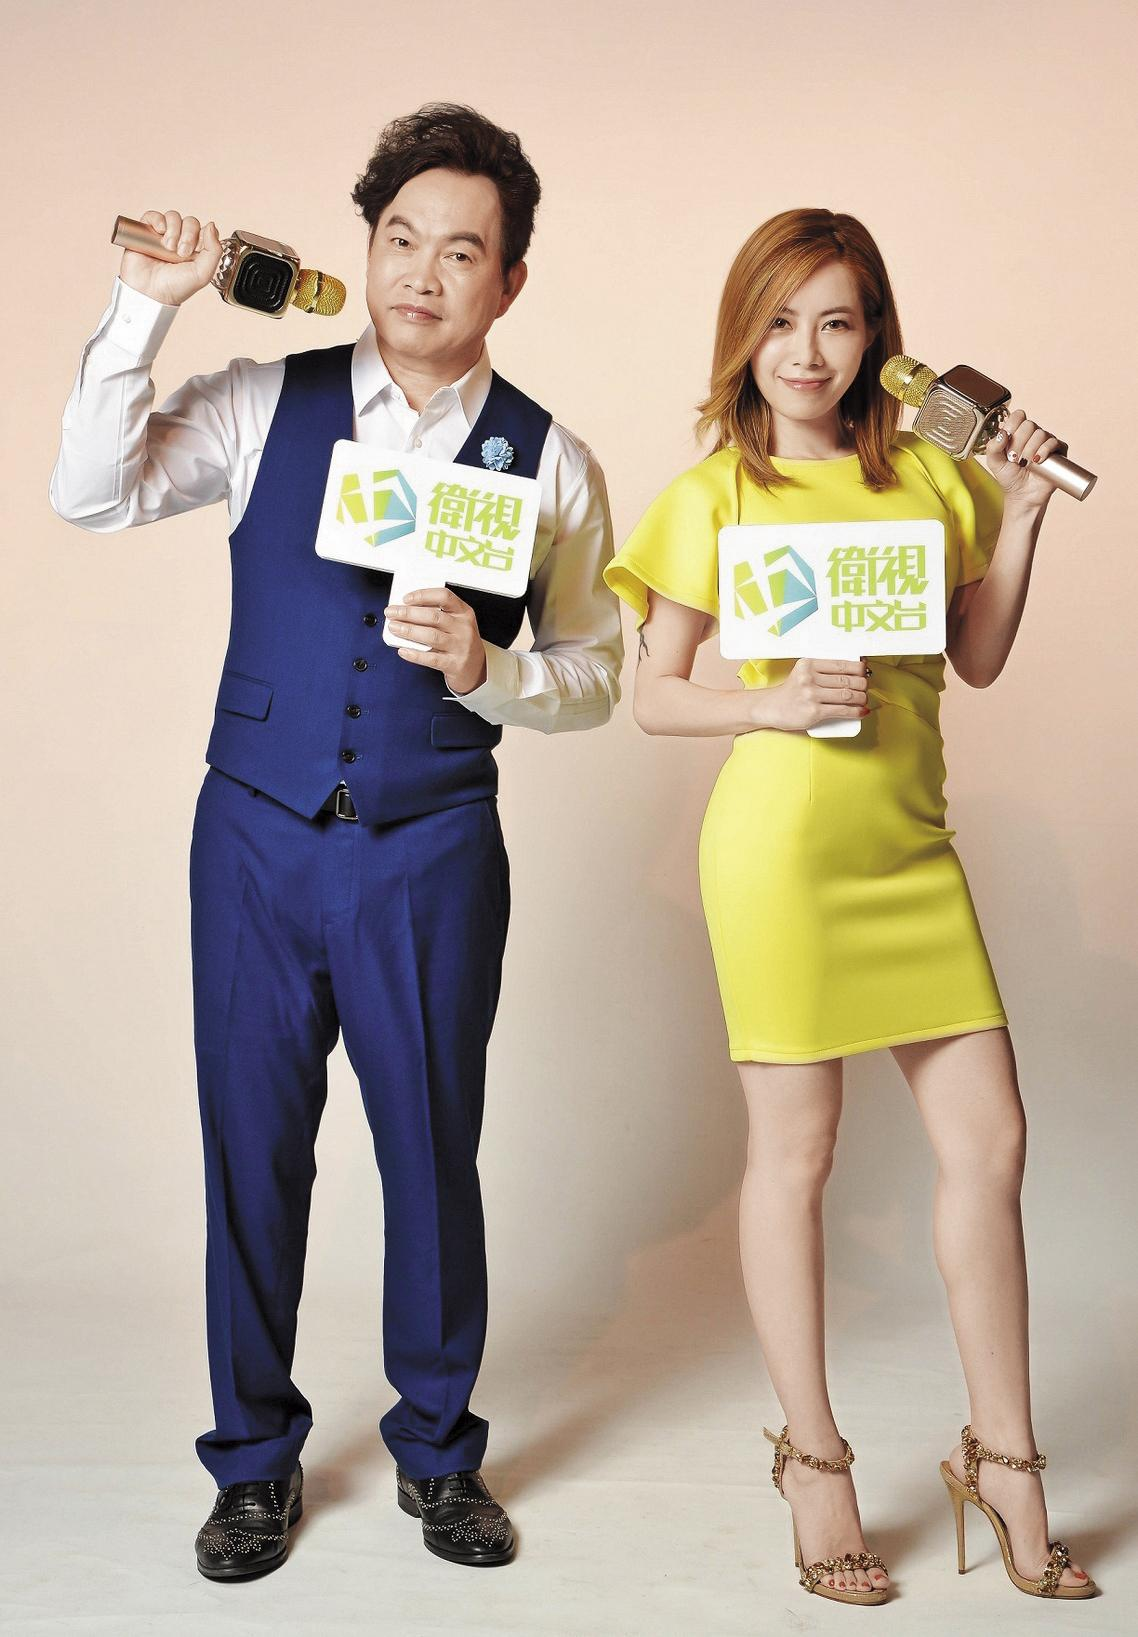 衛視中文台《歌神請上車》第二季找來主持新貴徐懷鈺及康康(左)搭檔,希望創出收視佳績。(衛視中文台提供)